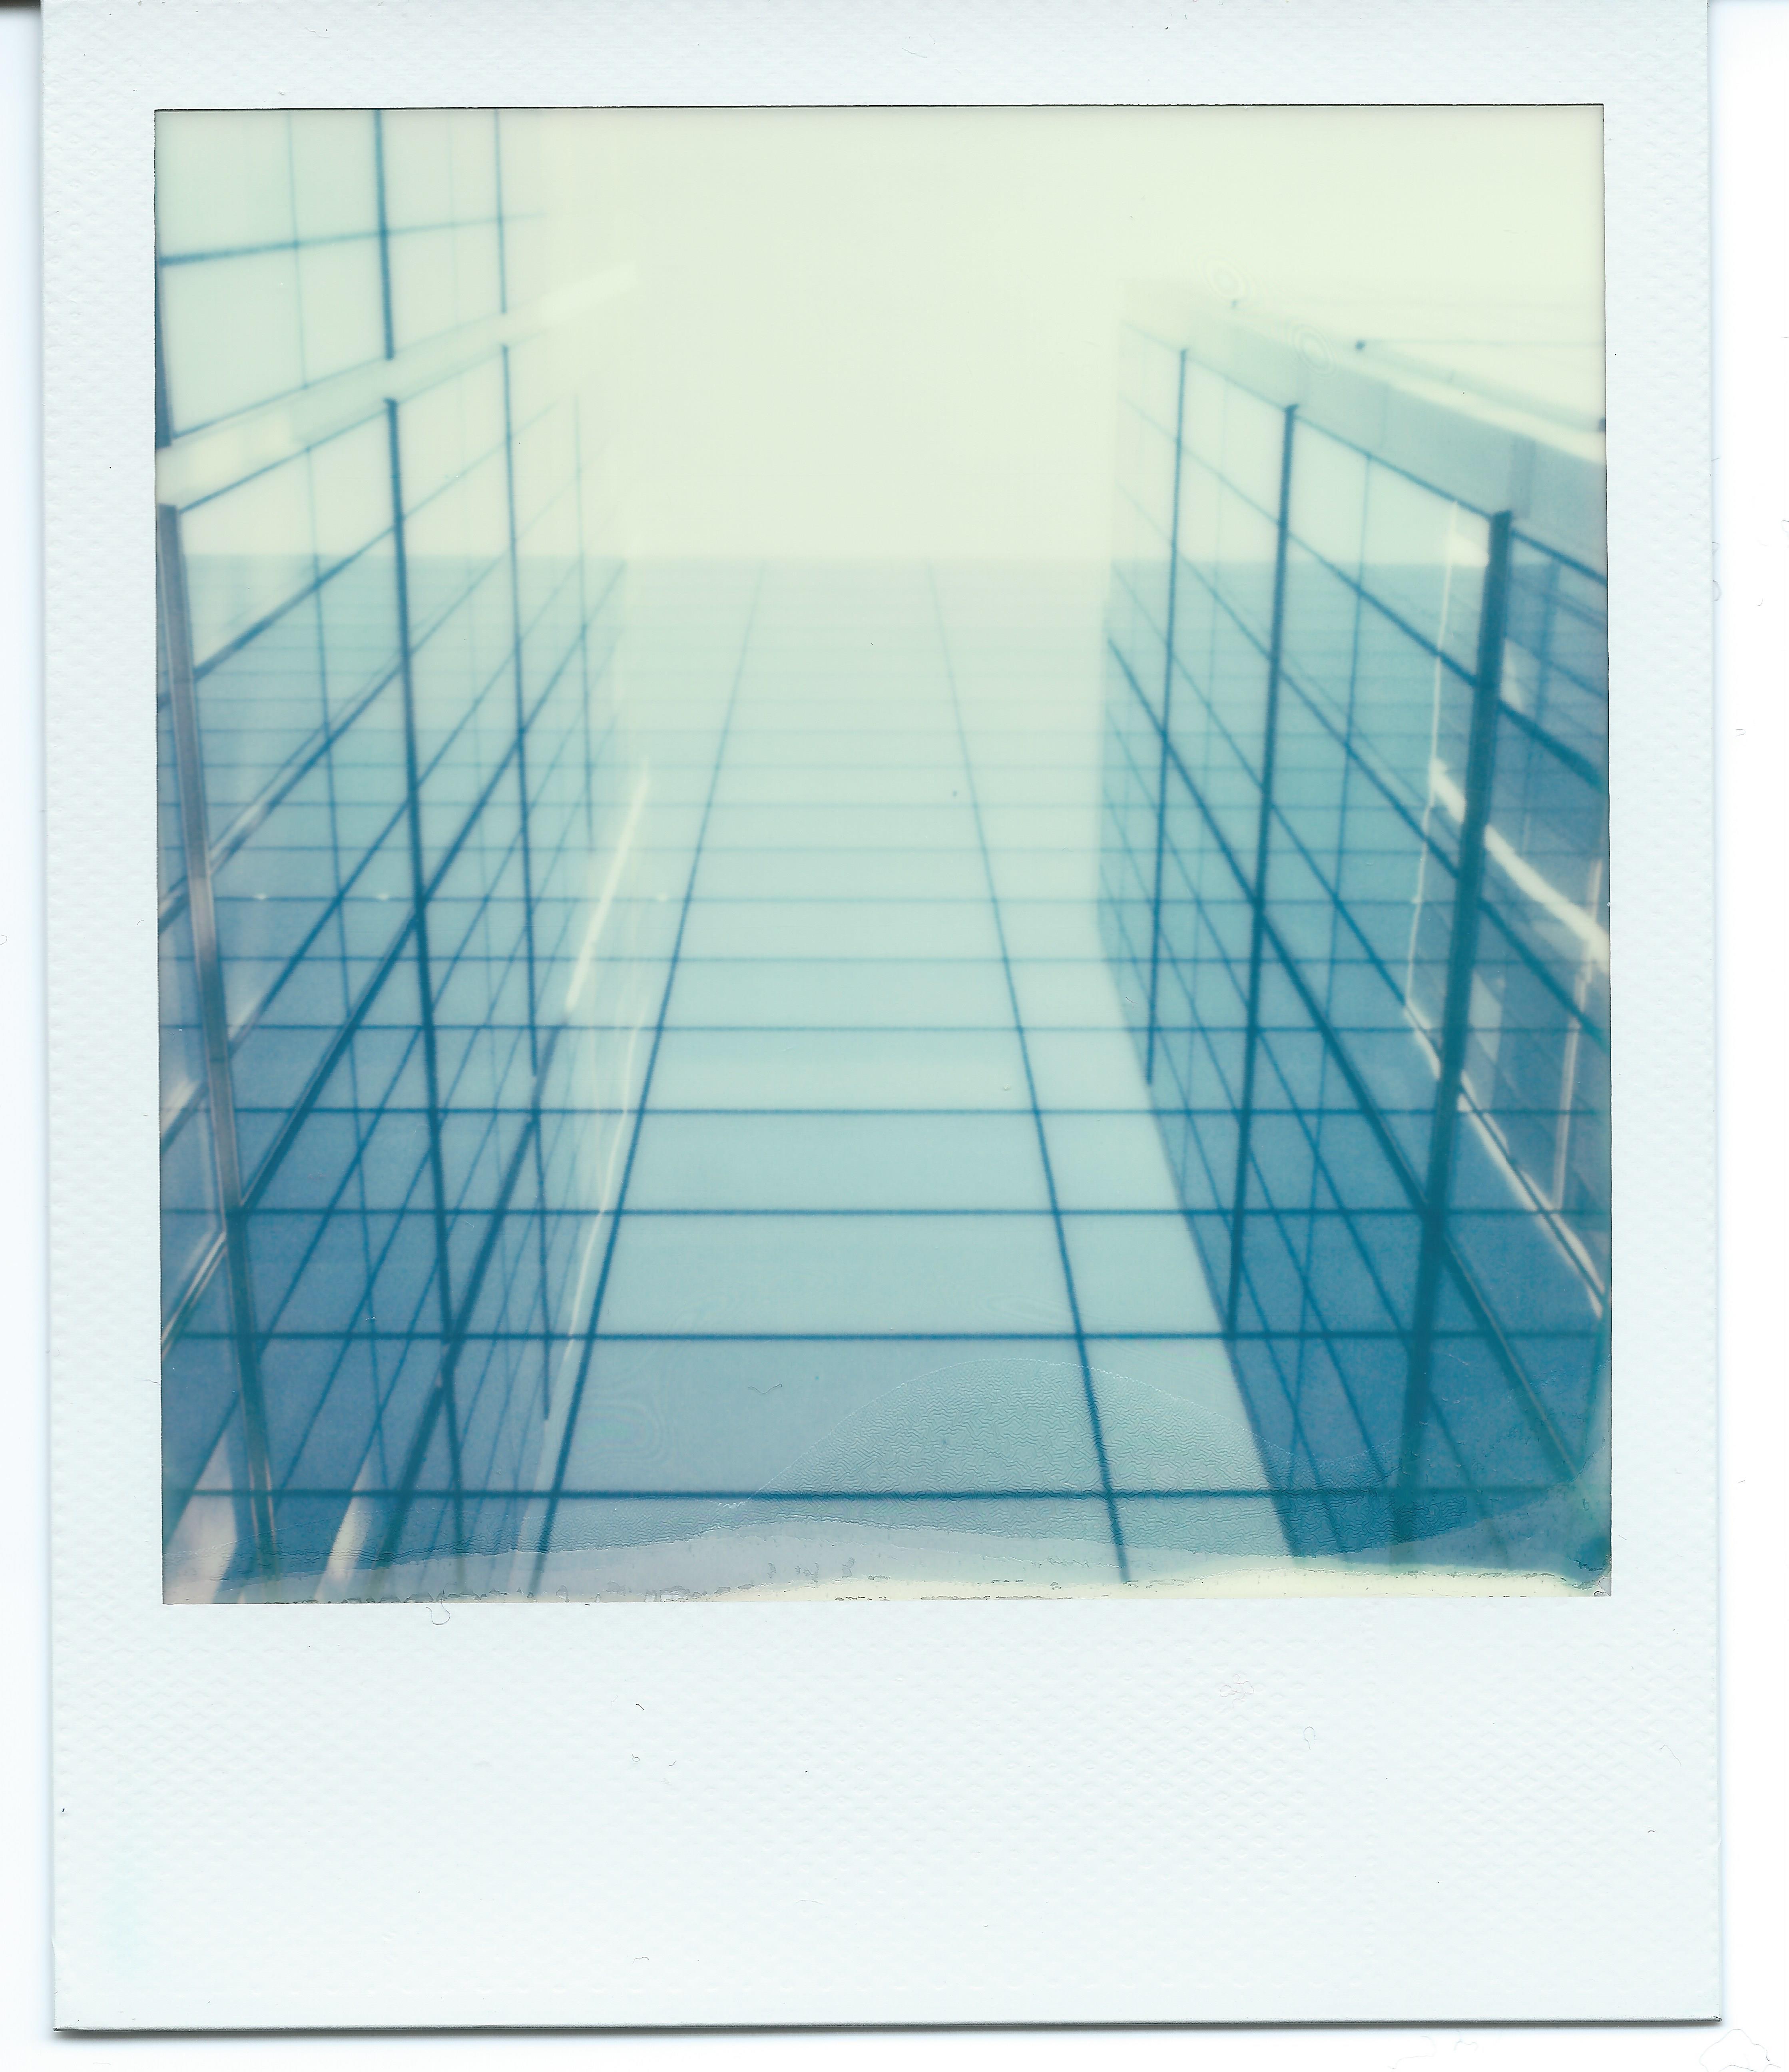 spitalfields-2